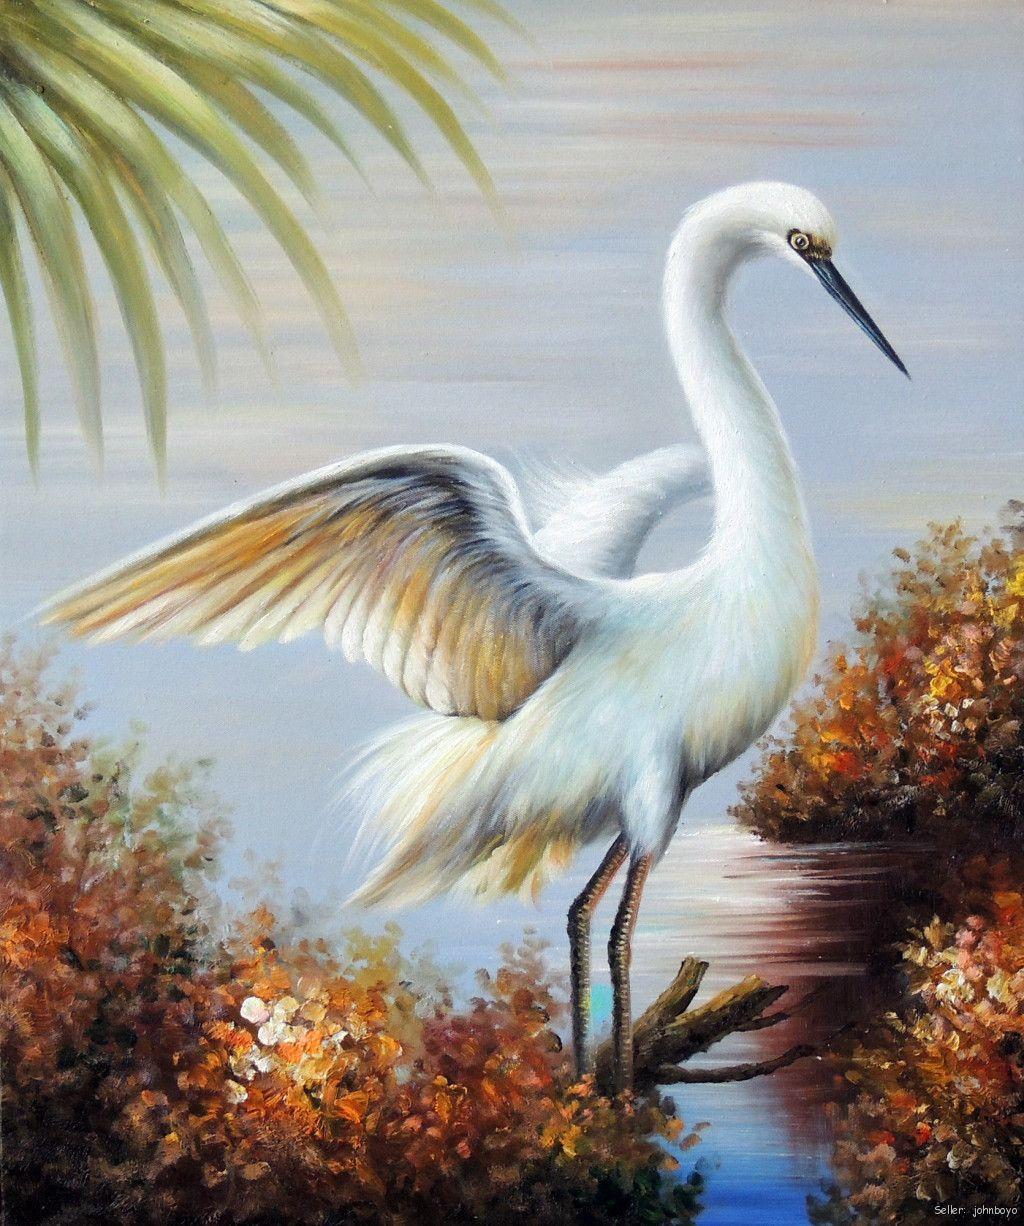 Great white heron egret florida everglades swamp 24x36 oil for White heron paint